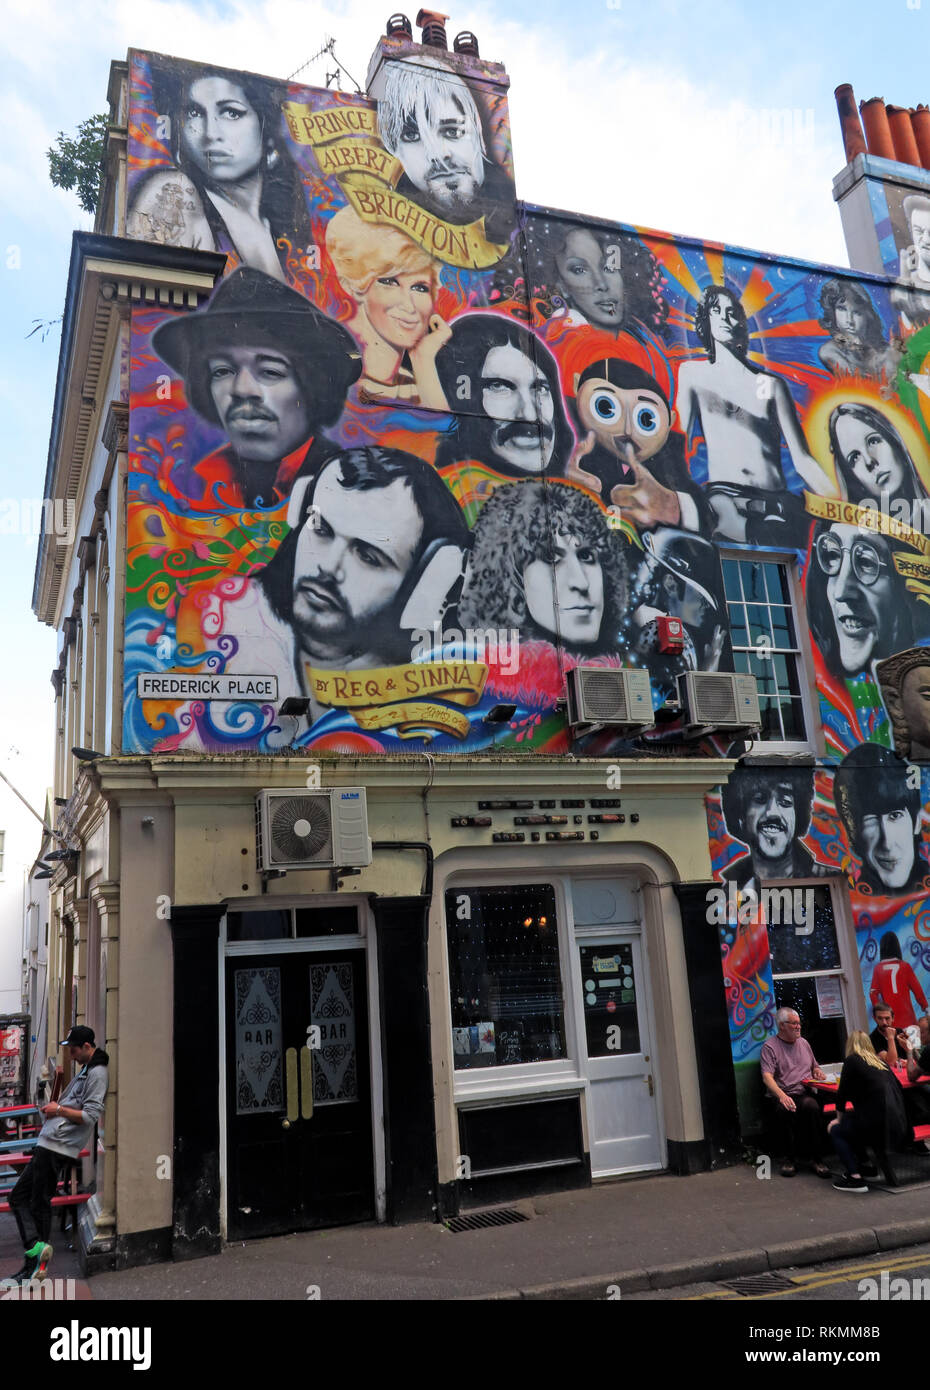 Laden Sie dieses Alamy Stockfoto Tot Pop, Musik Symbole, an der Wand des Prinzen Albert Pub, Frederick Place, Brighton, East Sussex, England, UK, BN1 4ED - RKMM8B